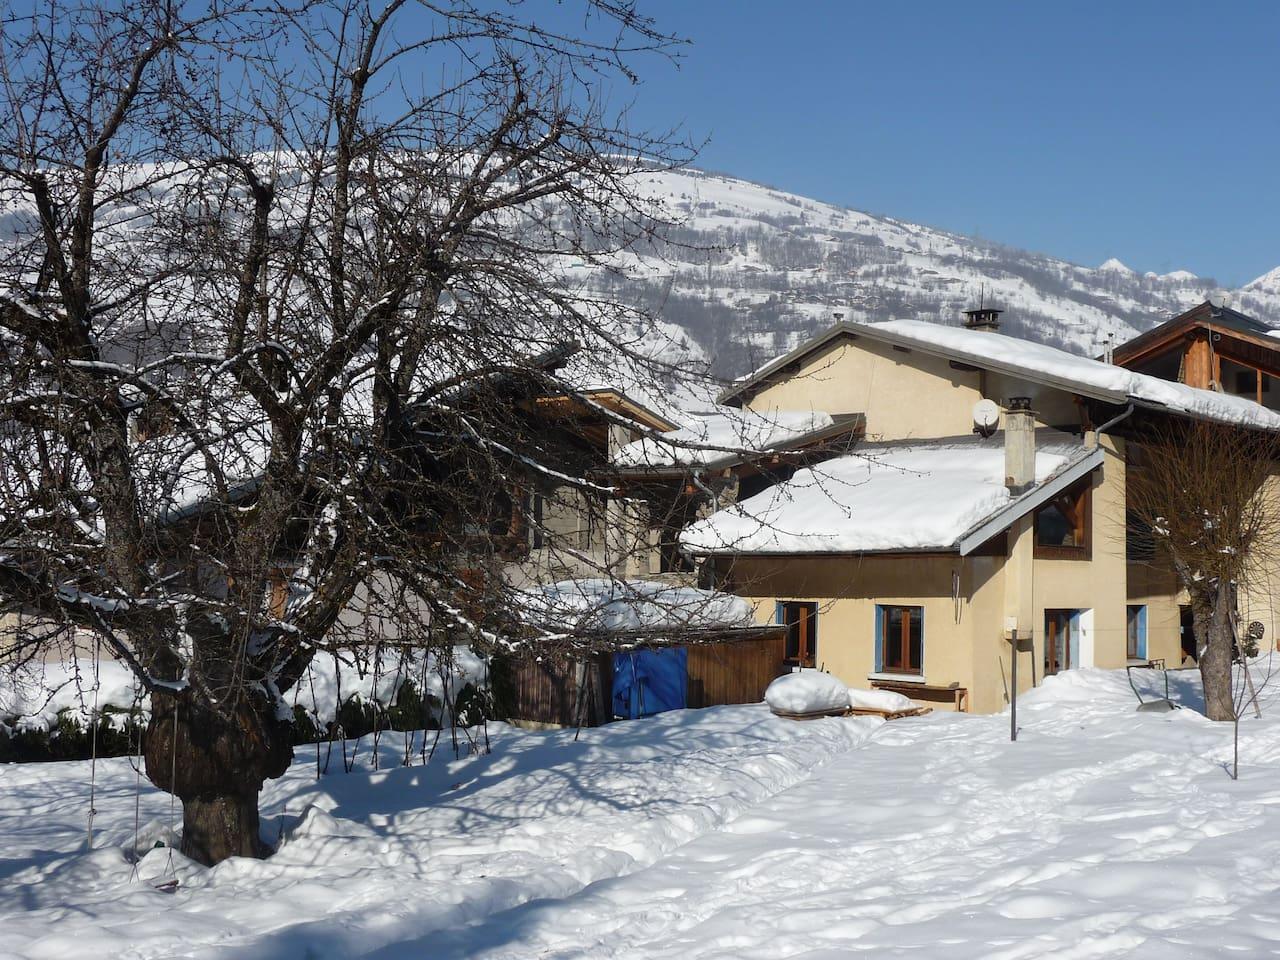 La maison vue du jardin pendant l'hiver